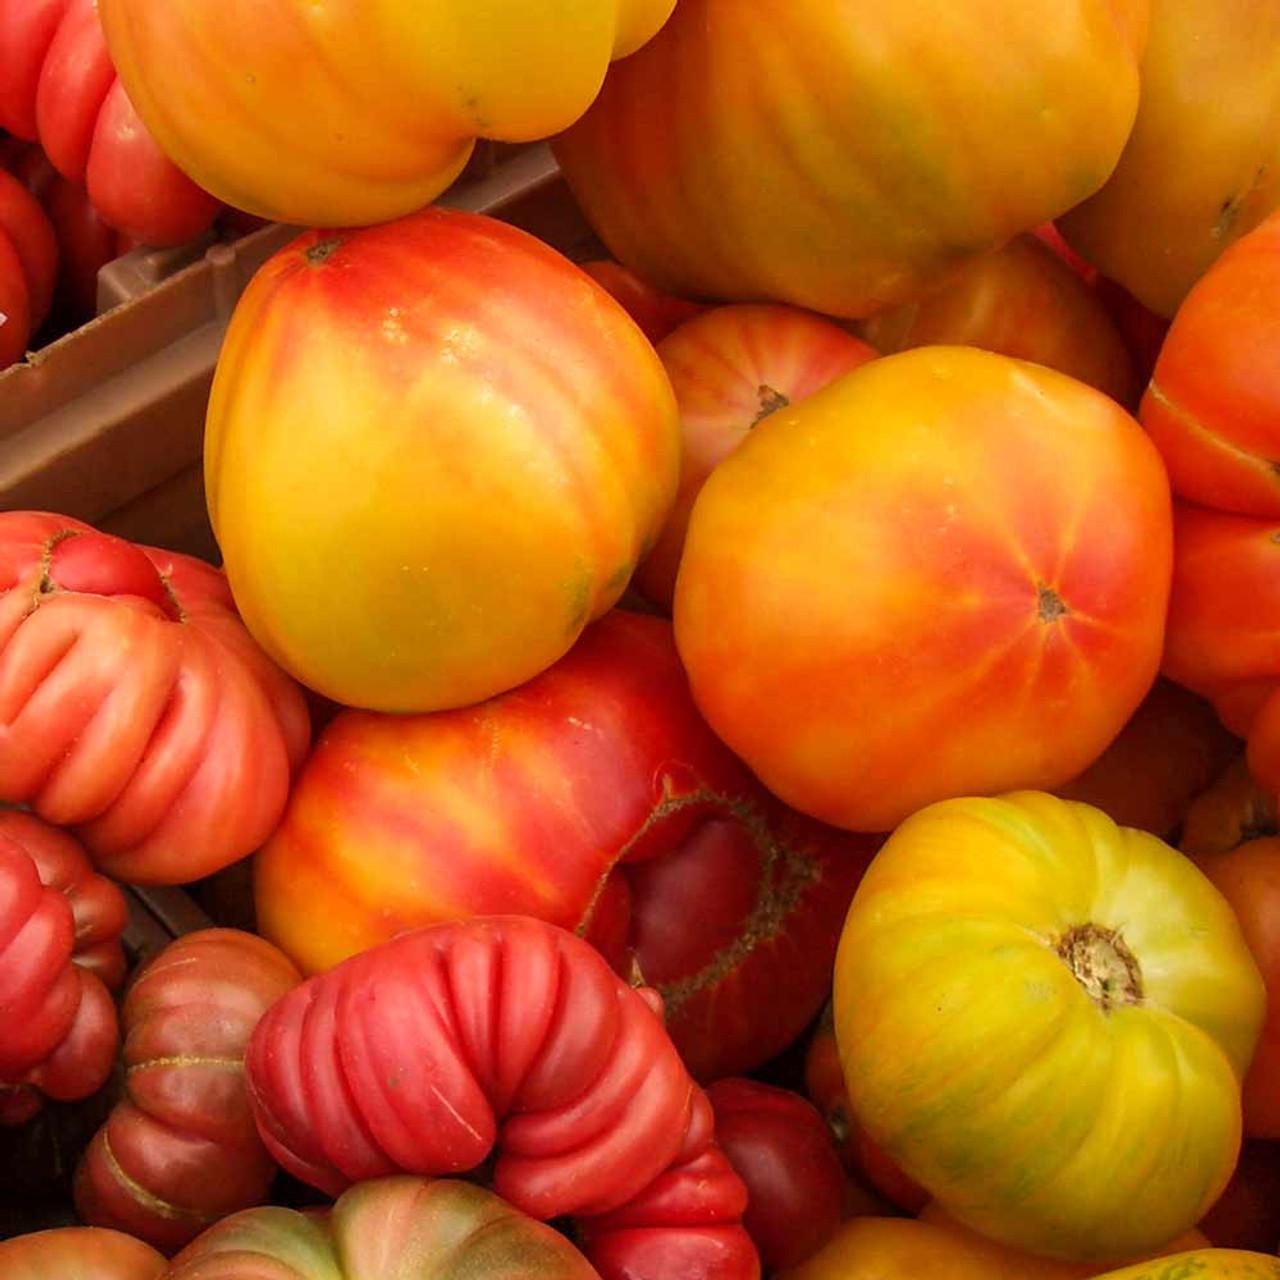 Heirloom Pineapple Tomato Seeds Terroir Seeds